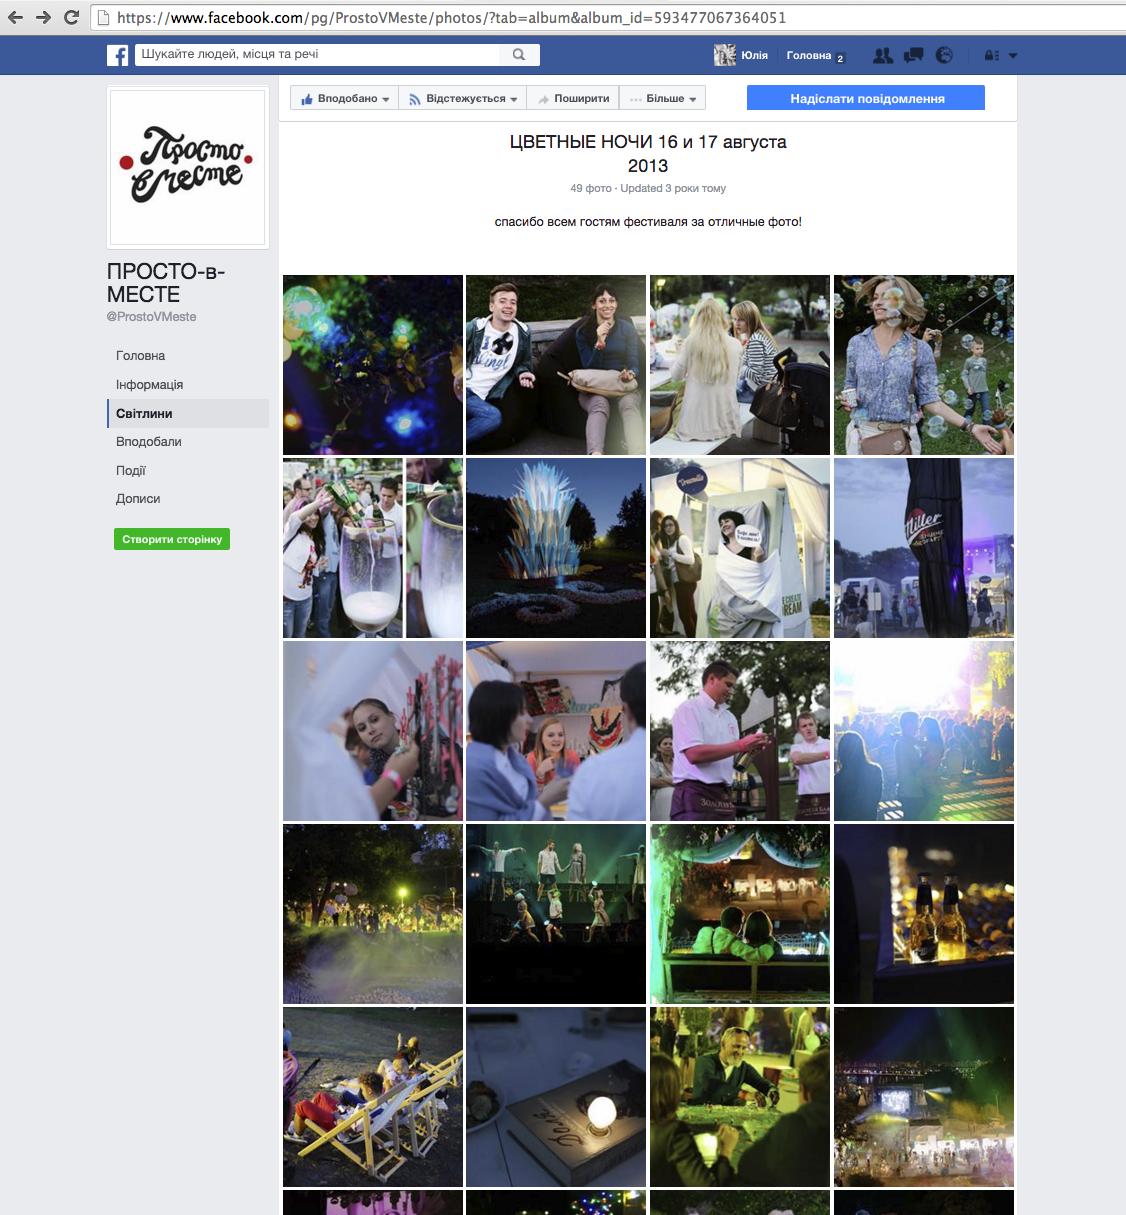 ПРОСТО-в-МЕСТЕ, Фестиваль Цветные Ночи, 16-17.08.2013